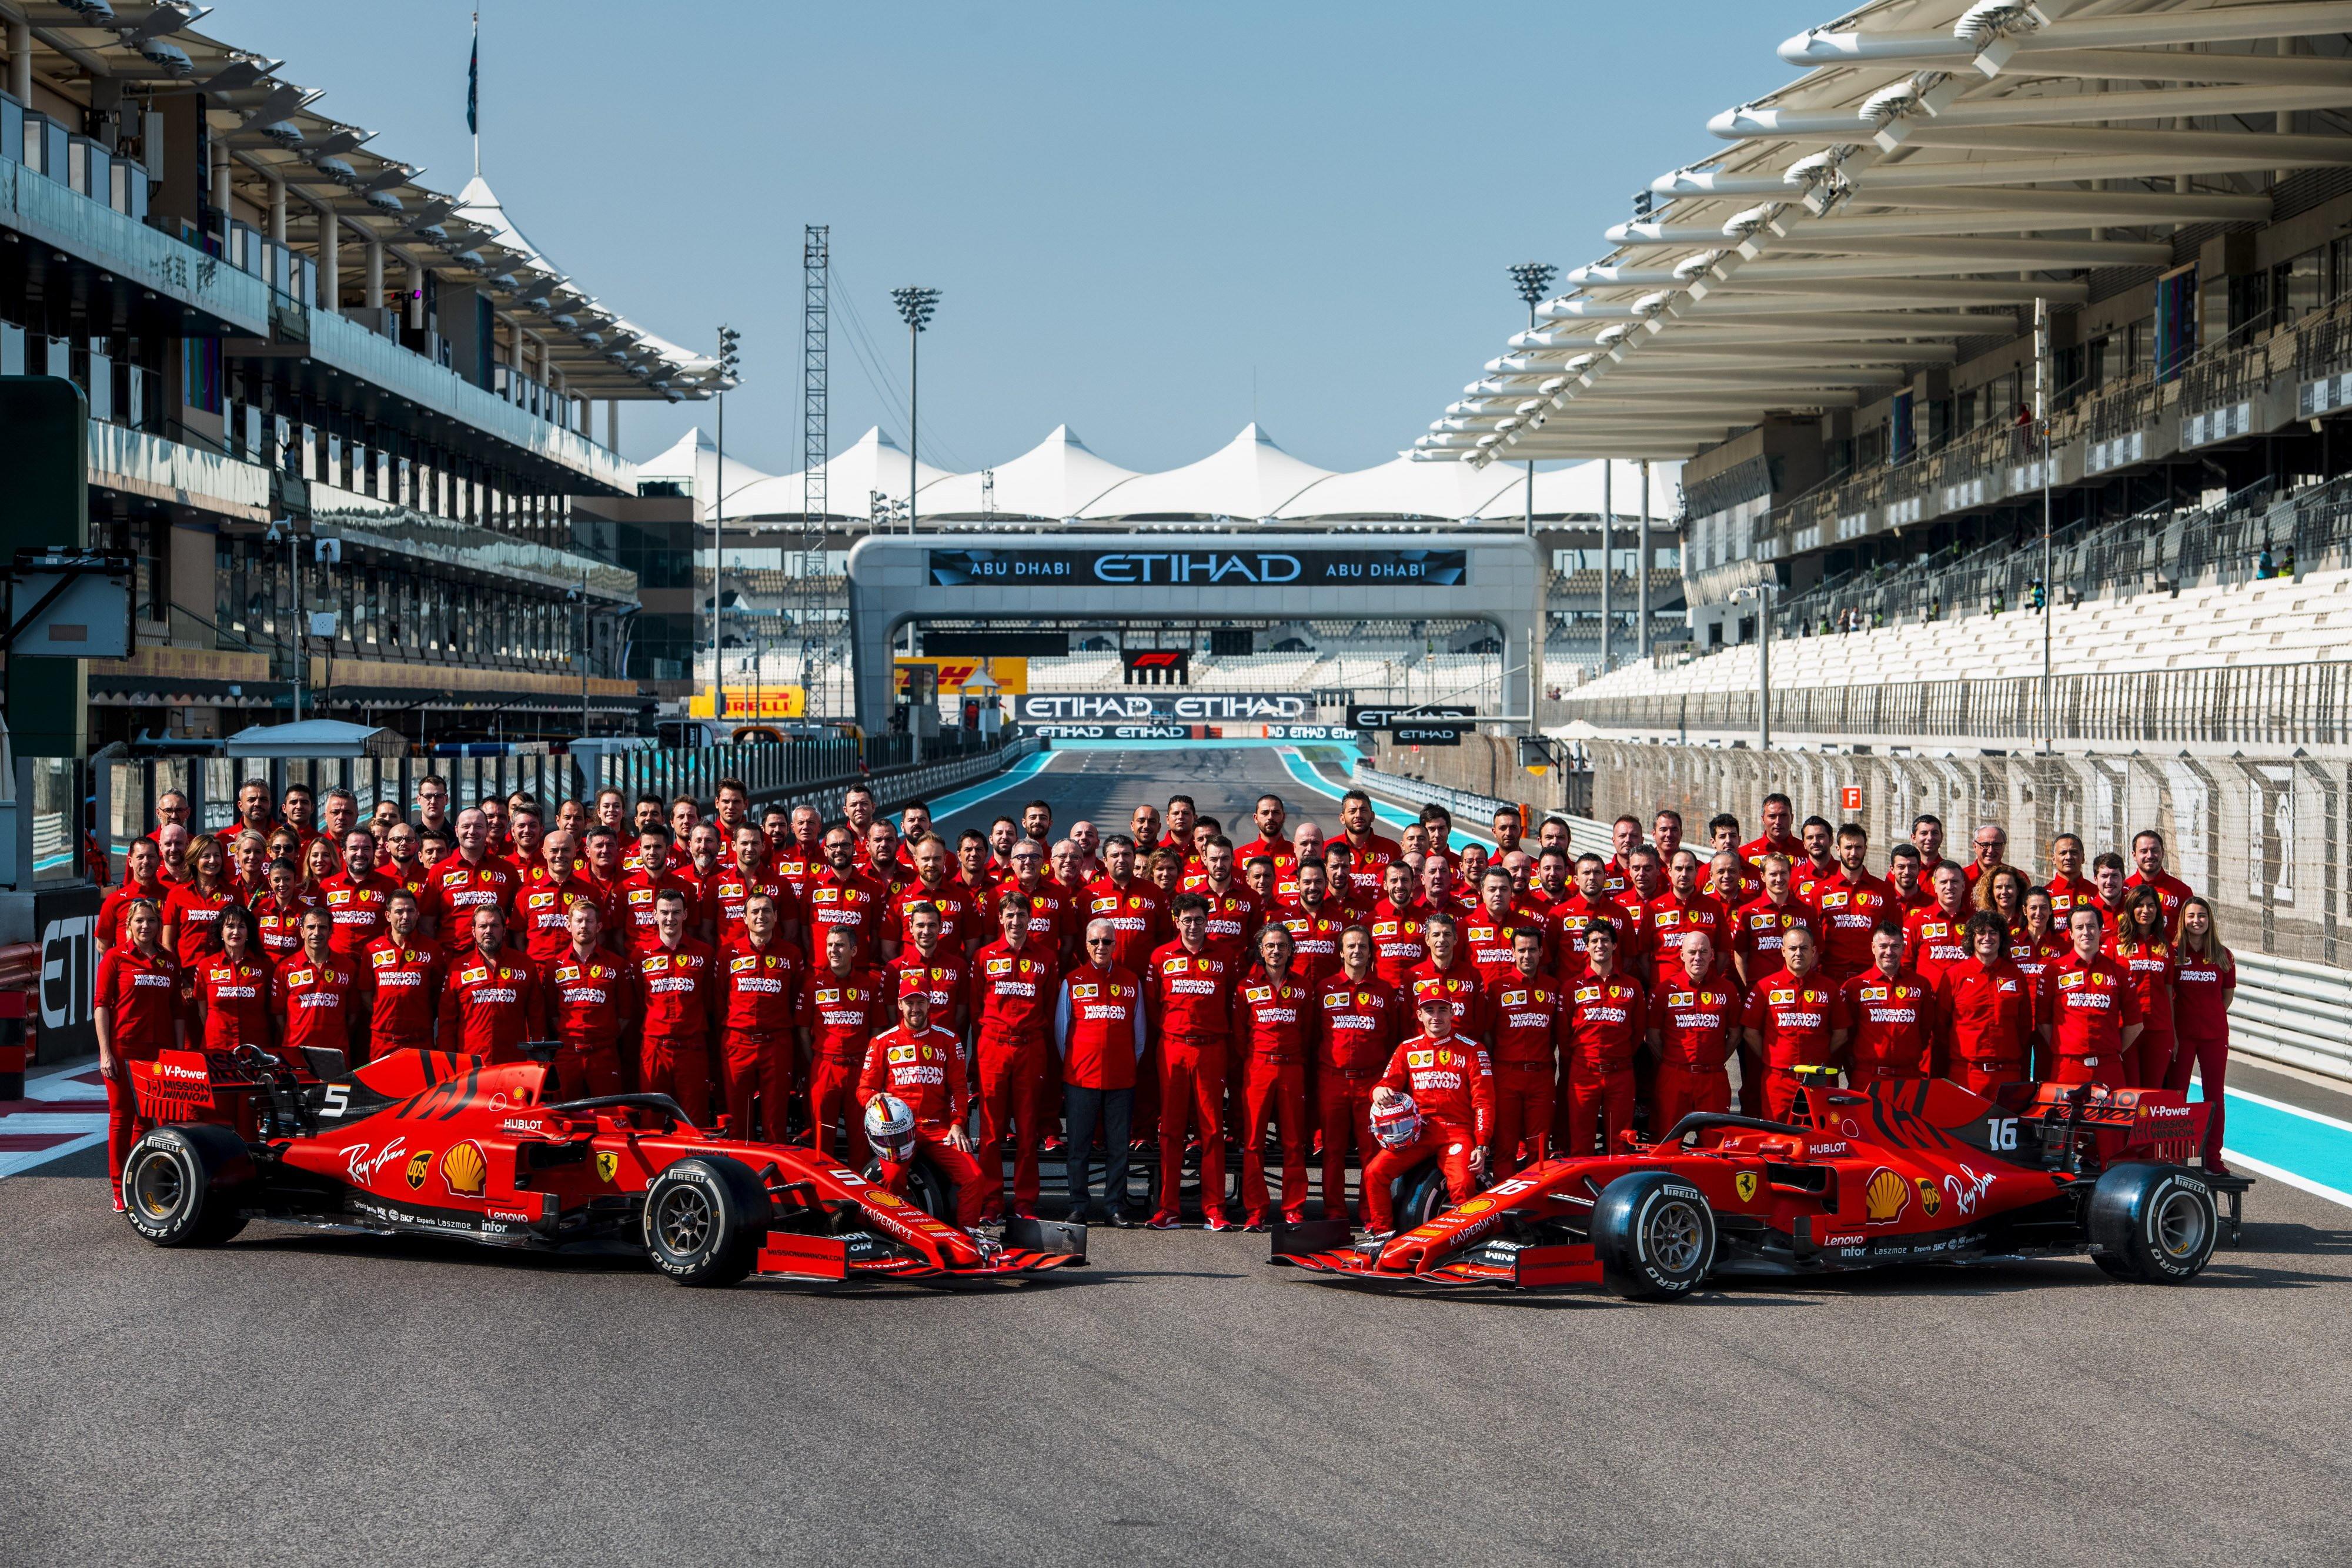 Ad Abu Dhabi, ultima gara della stagione, i team hanno posato per una foto ricordo.